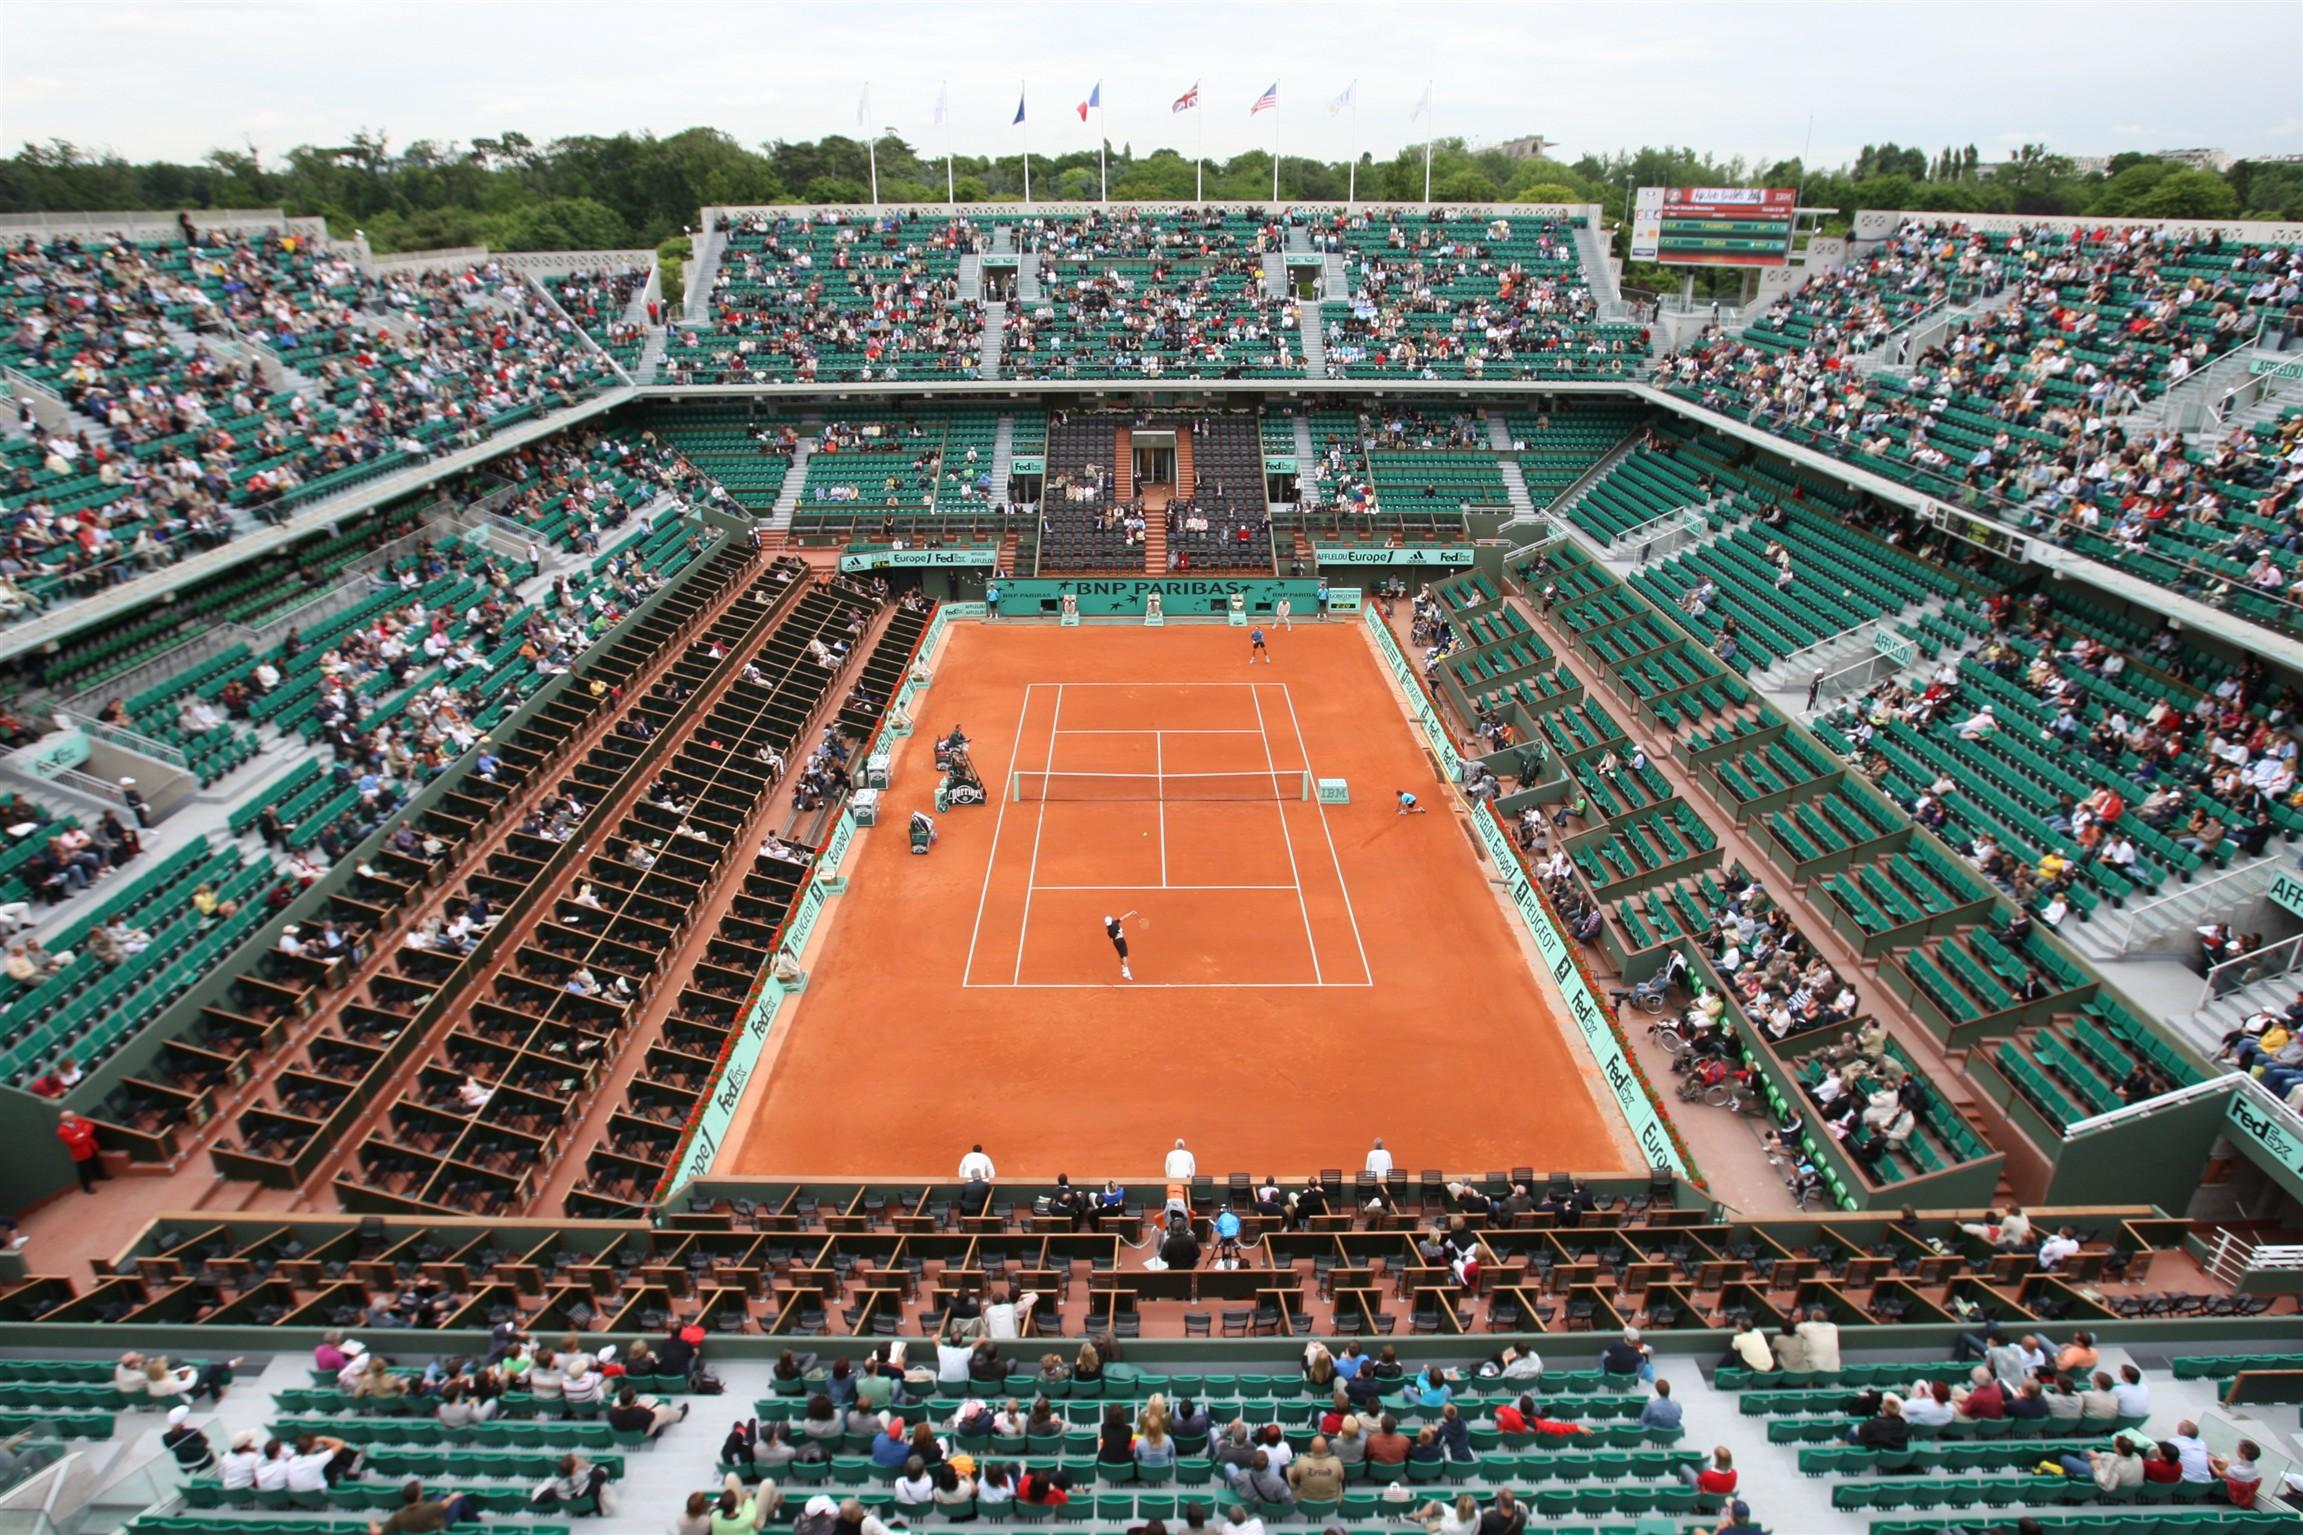 Sporza: Roland Garros